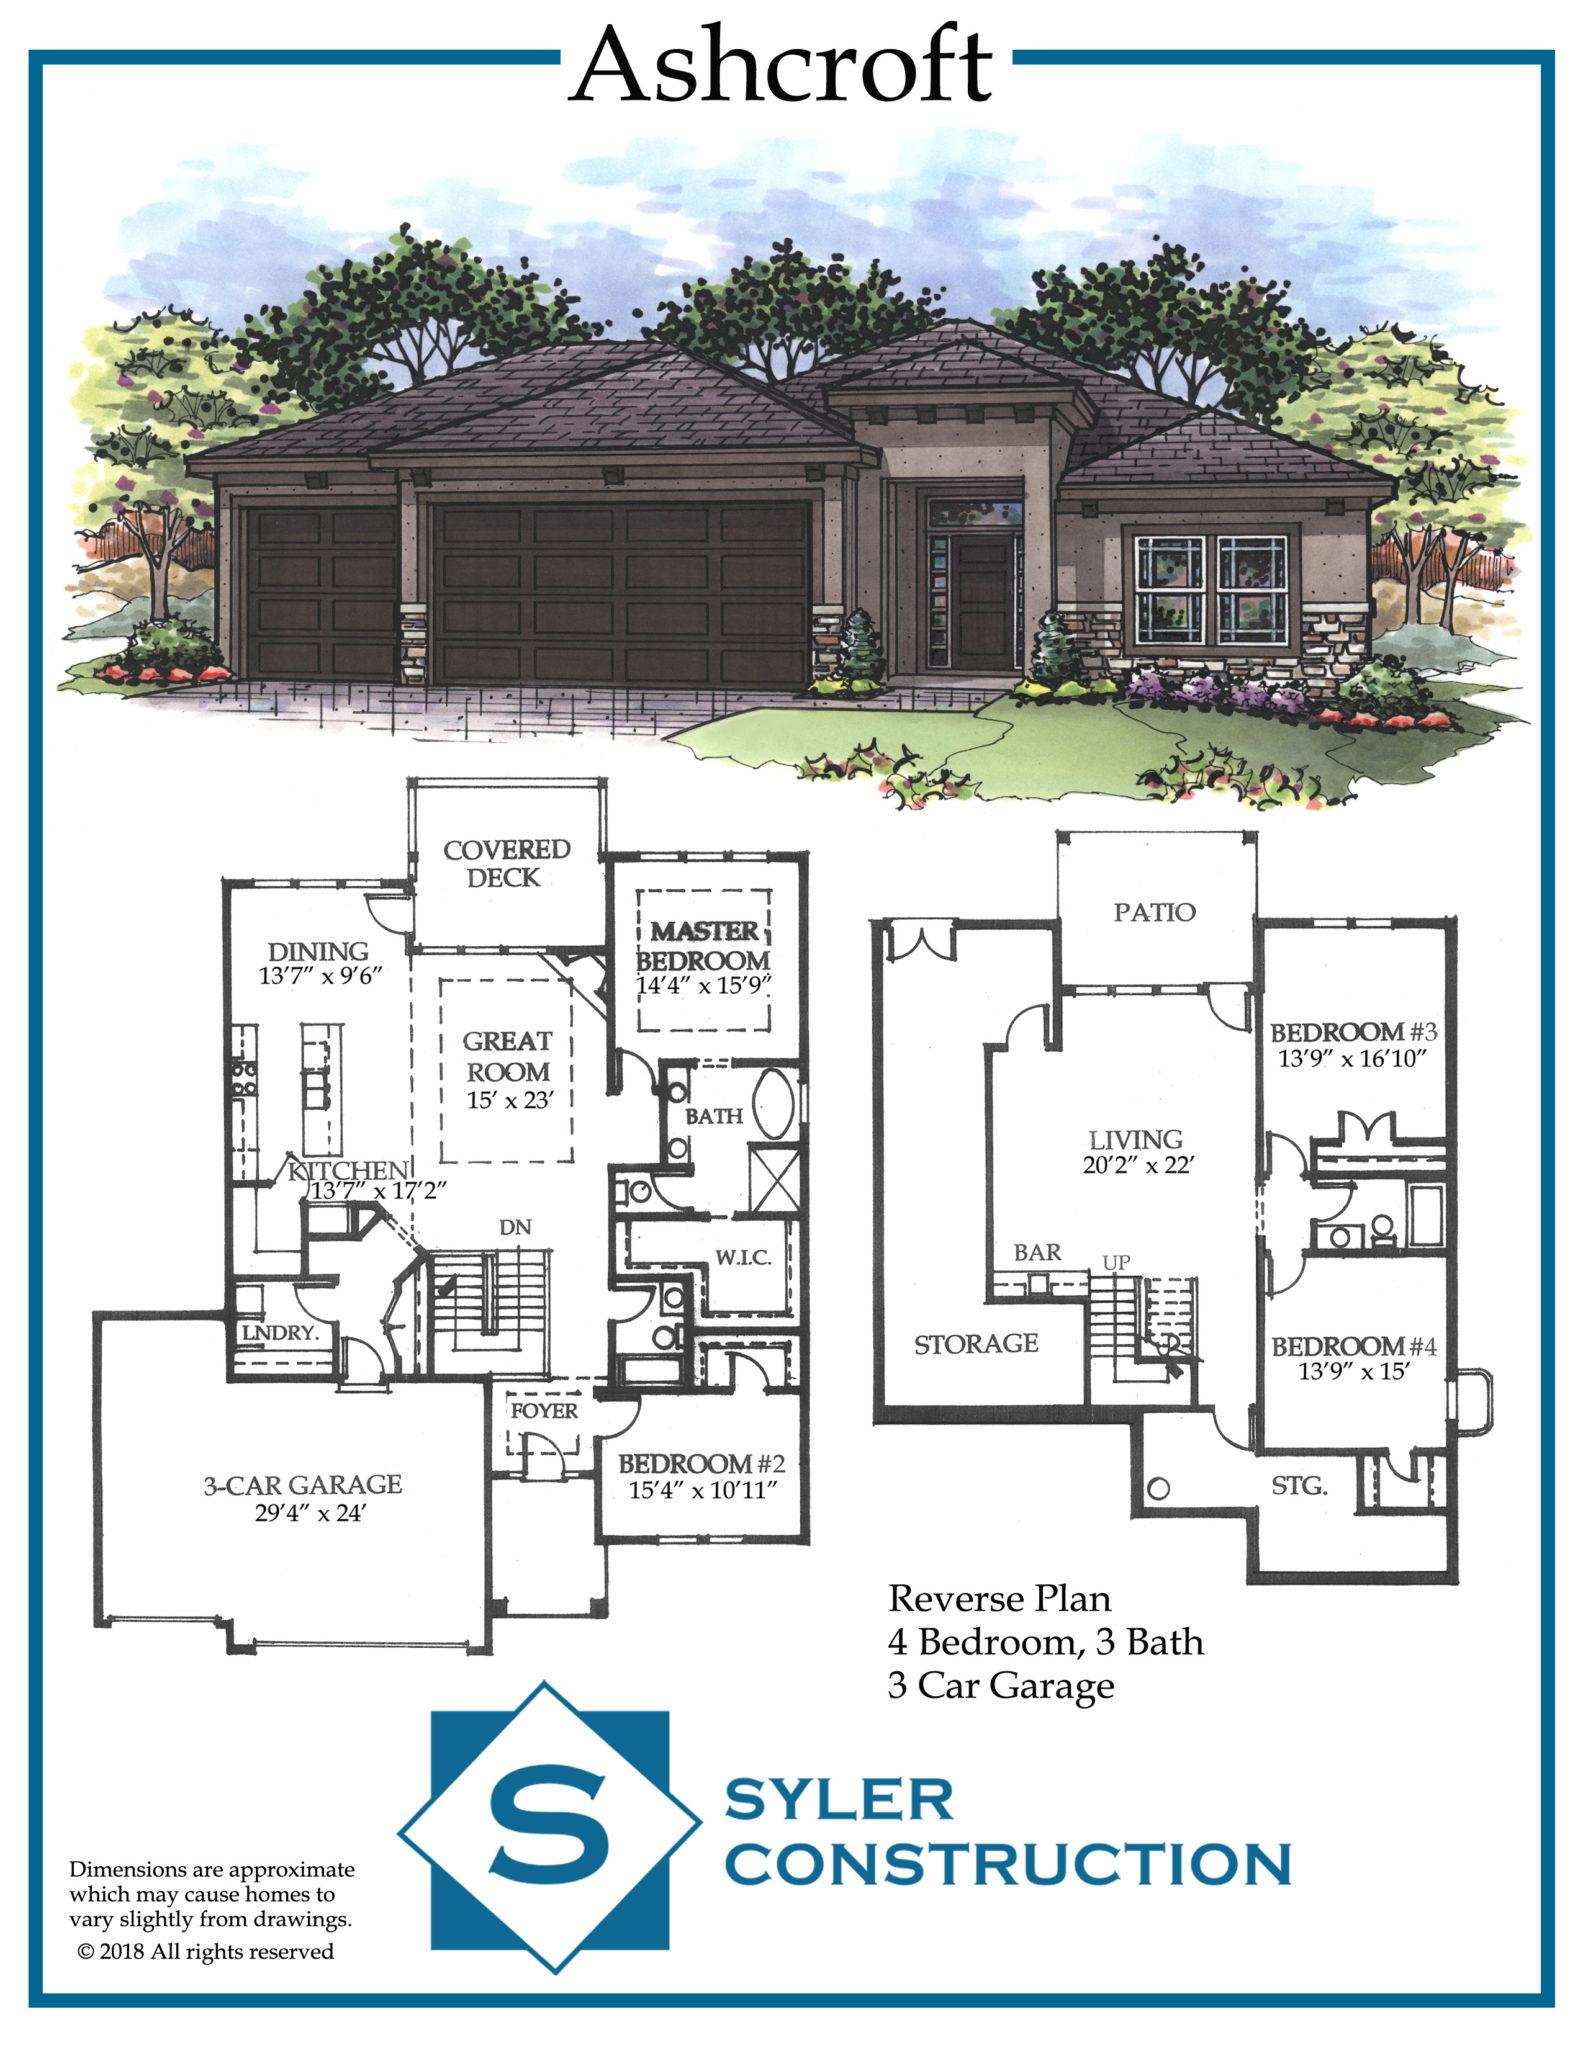 Ashcroft Syler Construction Inc Syler Construction Inc